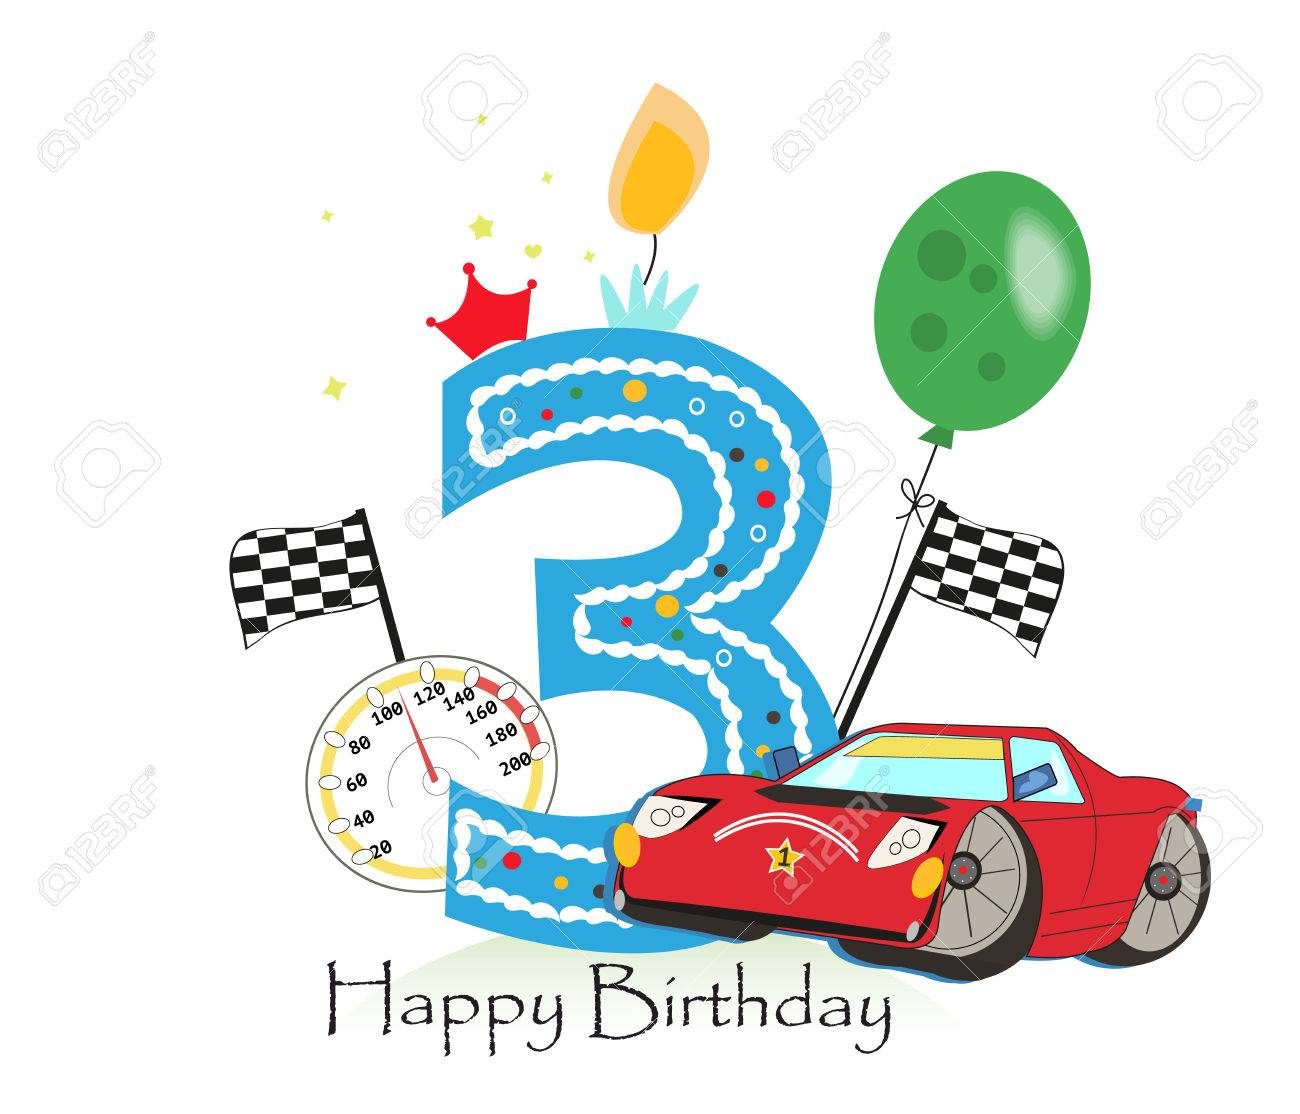 Dritter Geburtstag Grusskarte Auto Vektor Illustration Hintergrund